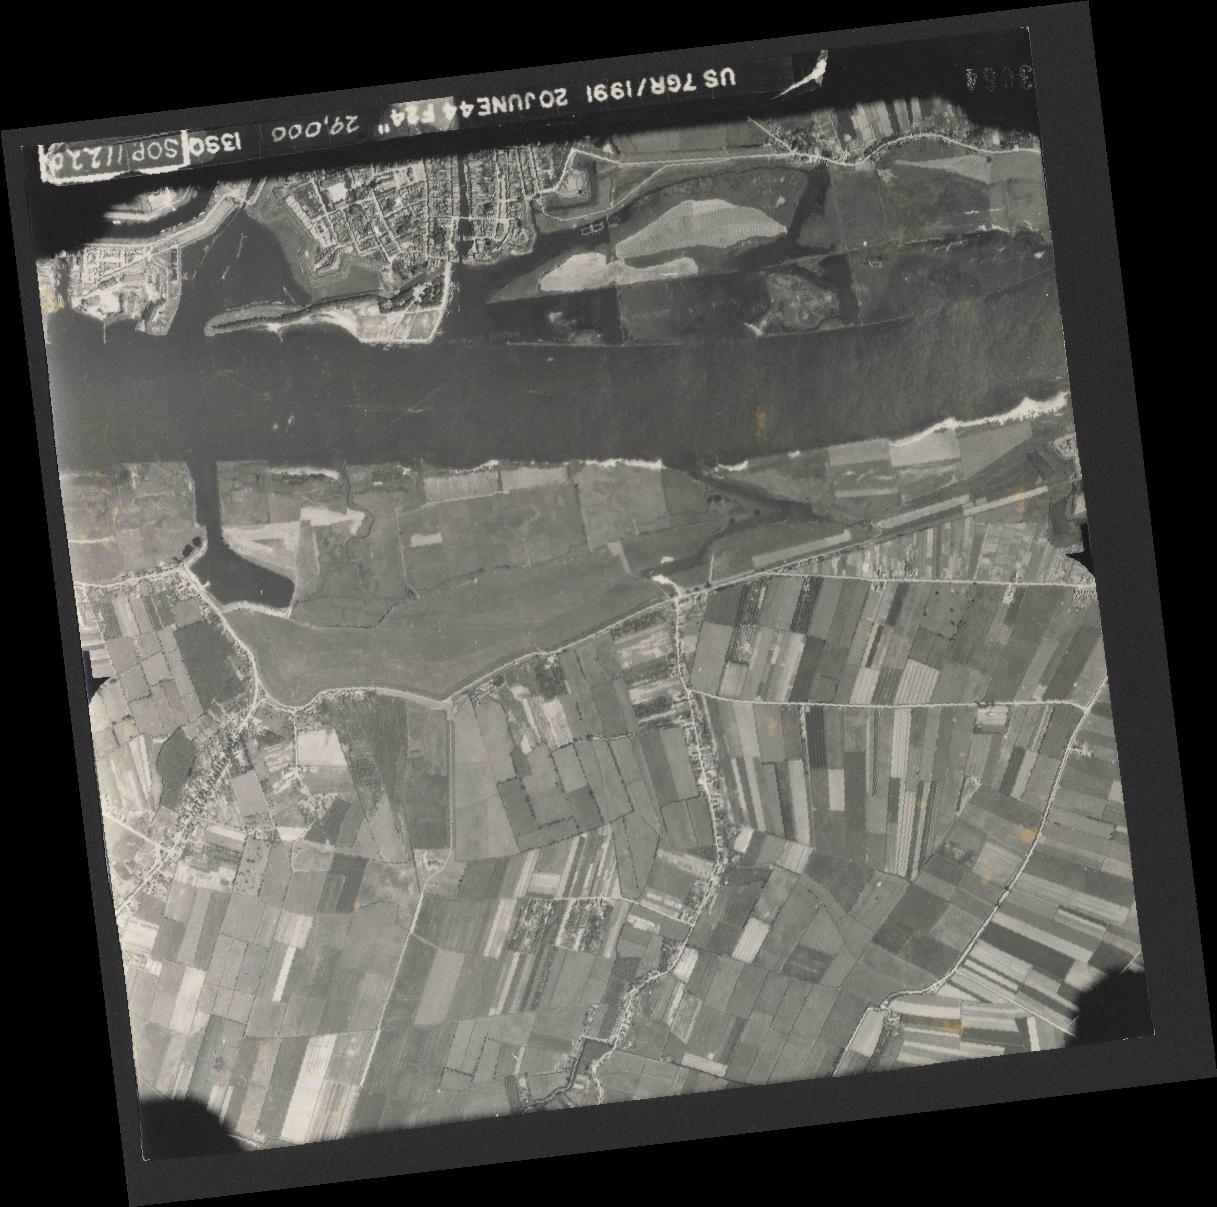 Collection RAF aerial photos 1940-1945 - flight 343, run 13, photo 3064